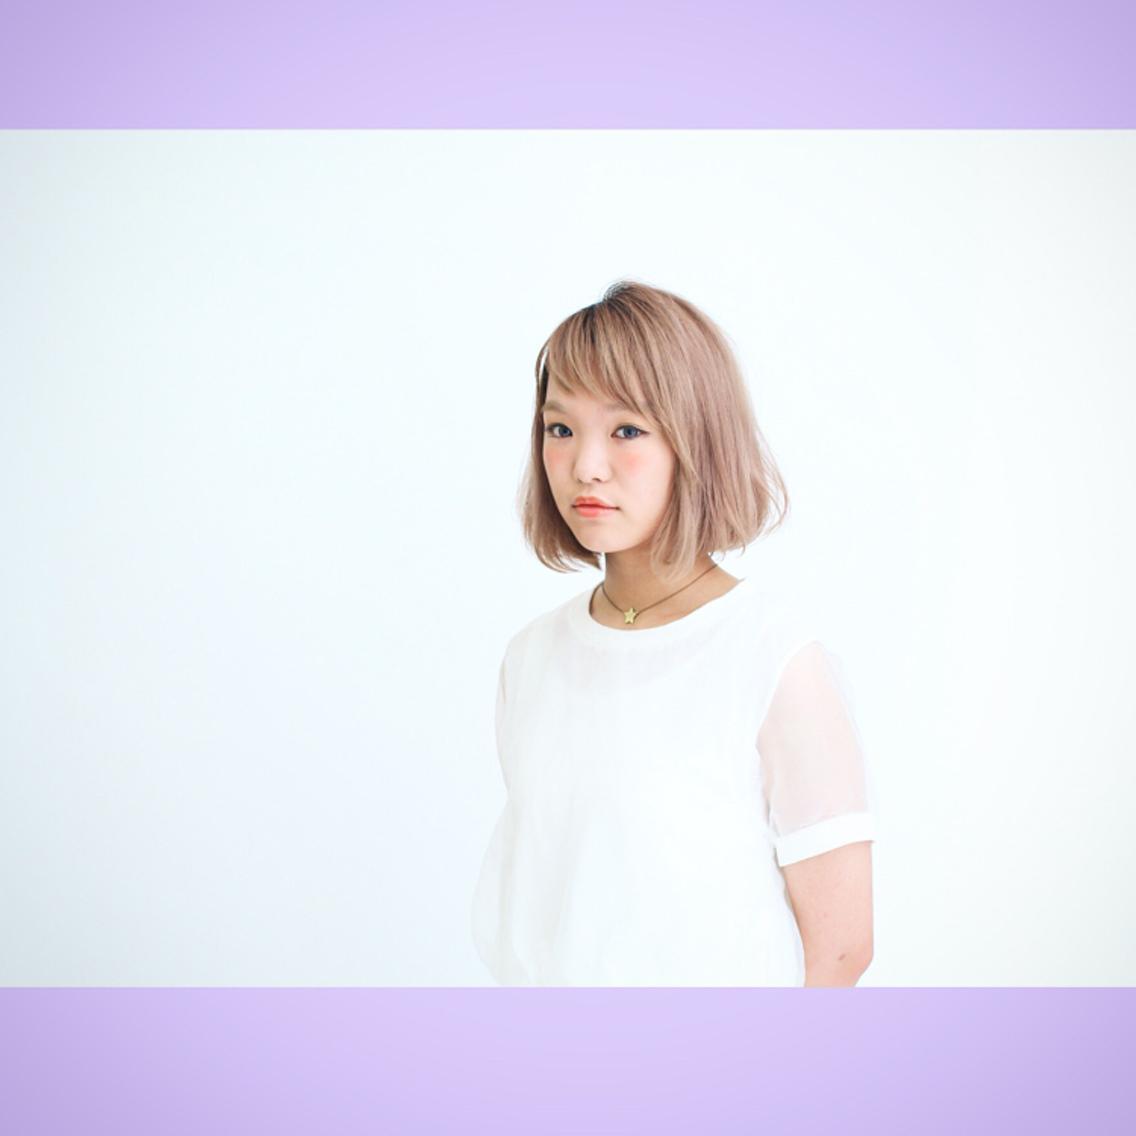 1人ひとりに似合わせたデザインやカラー提案を得意にしています☆よろしくお願いします(*^^*)